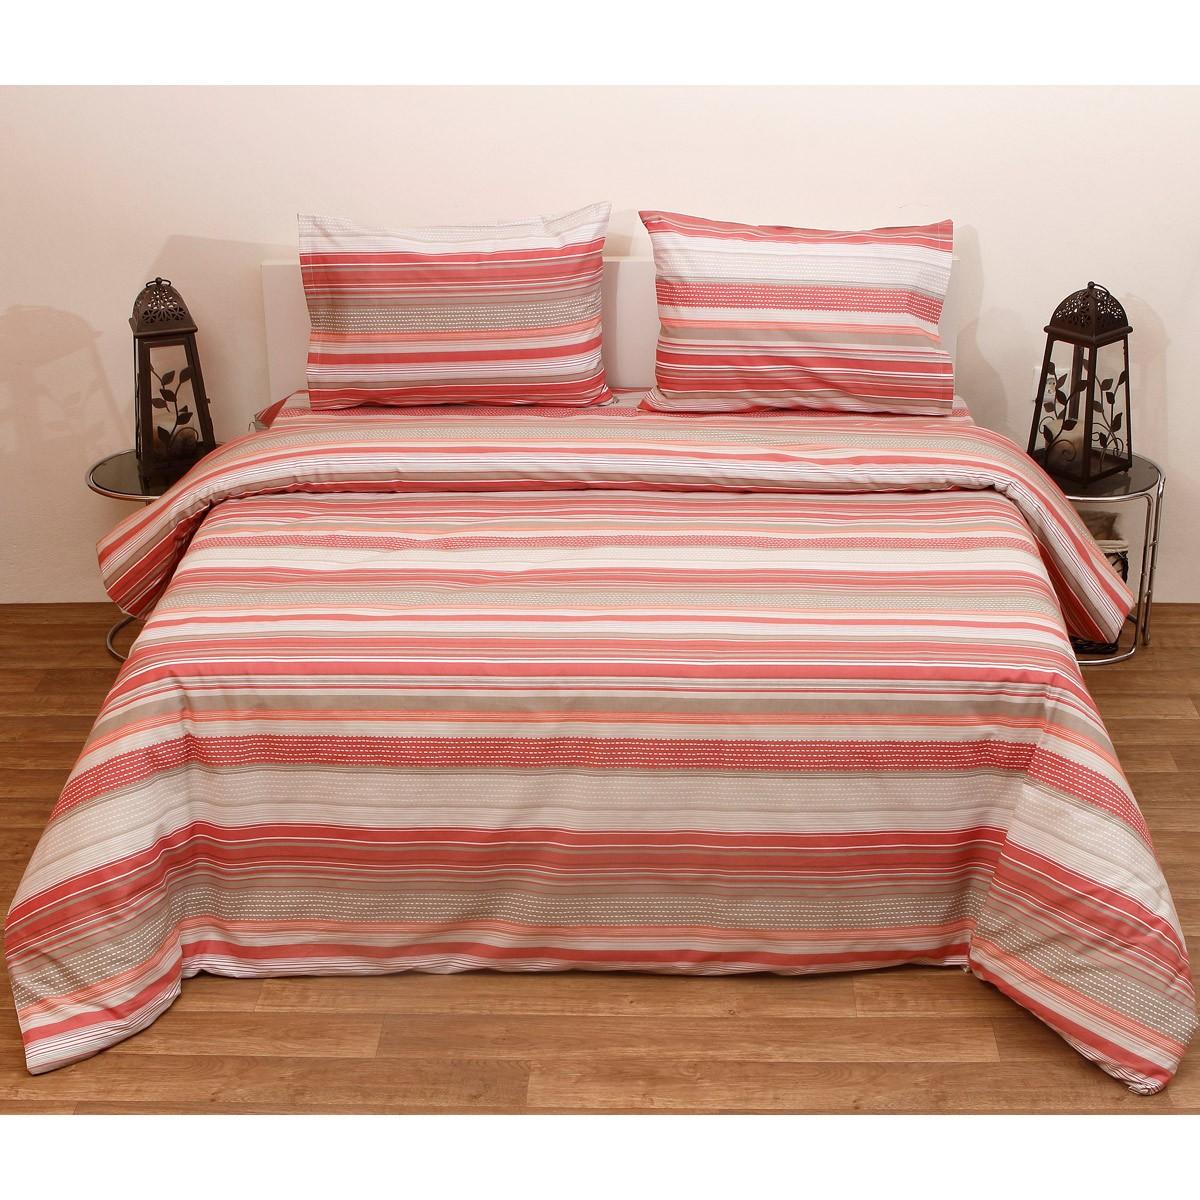 Κουβερλί Ημίδιπλο (Σετ) Viopros Fresh Γκρέυ Κοραλί home   κρεβατοκάμαρα   κουβερλί   κουβερλί ημίδιπλα   διπλά